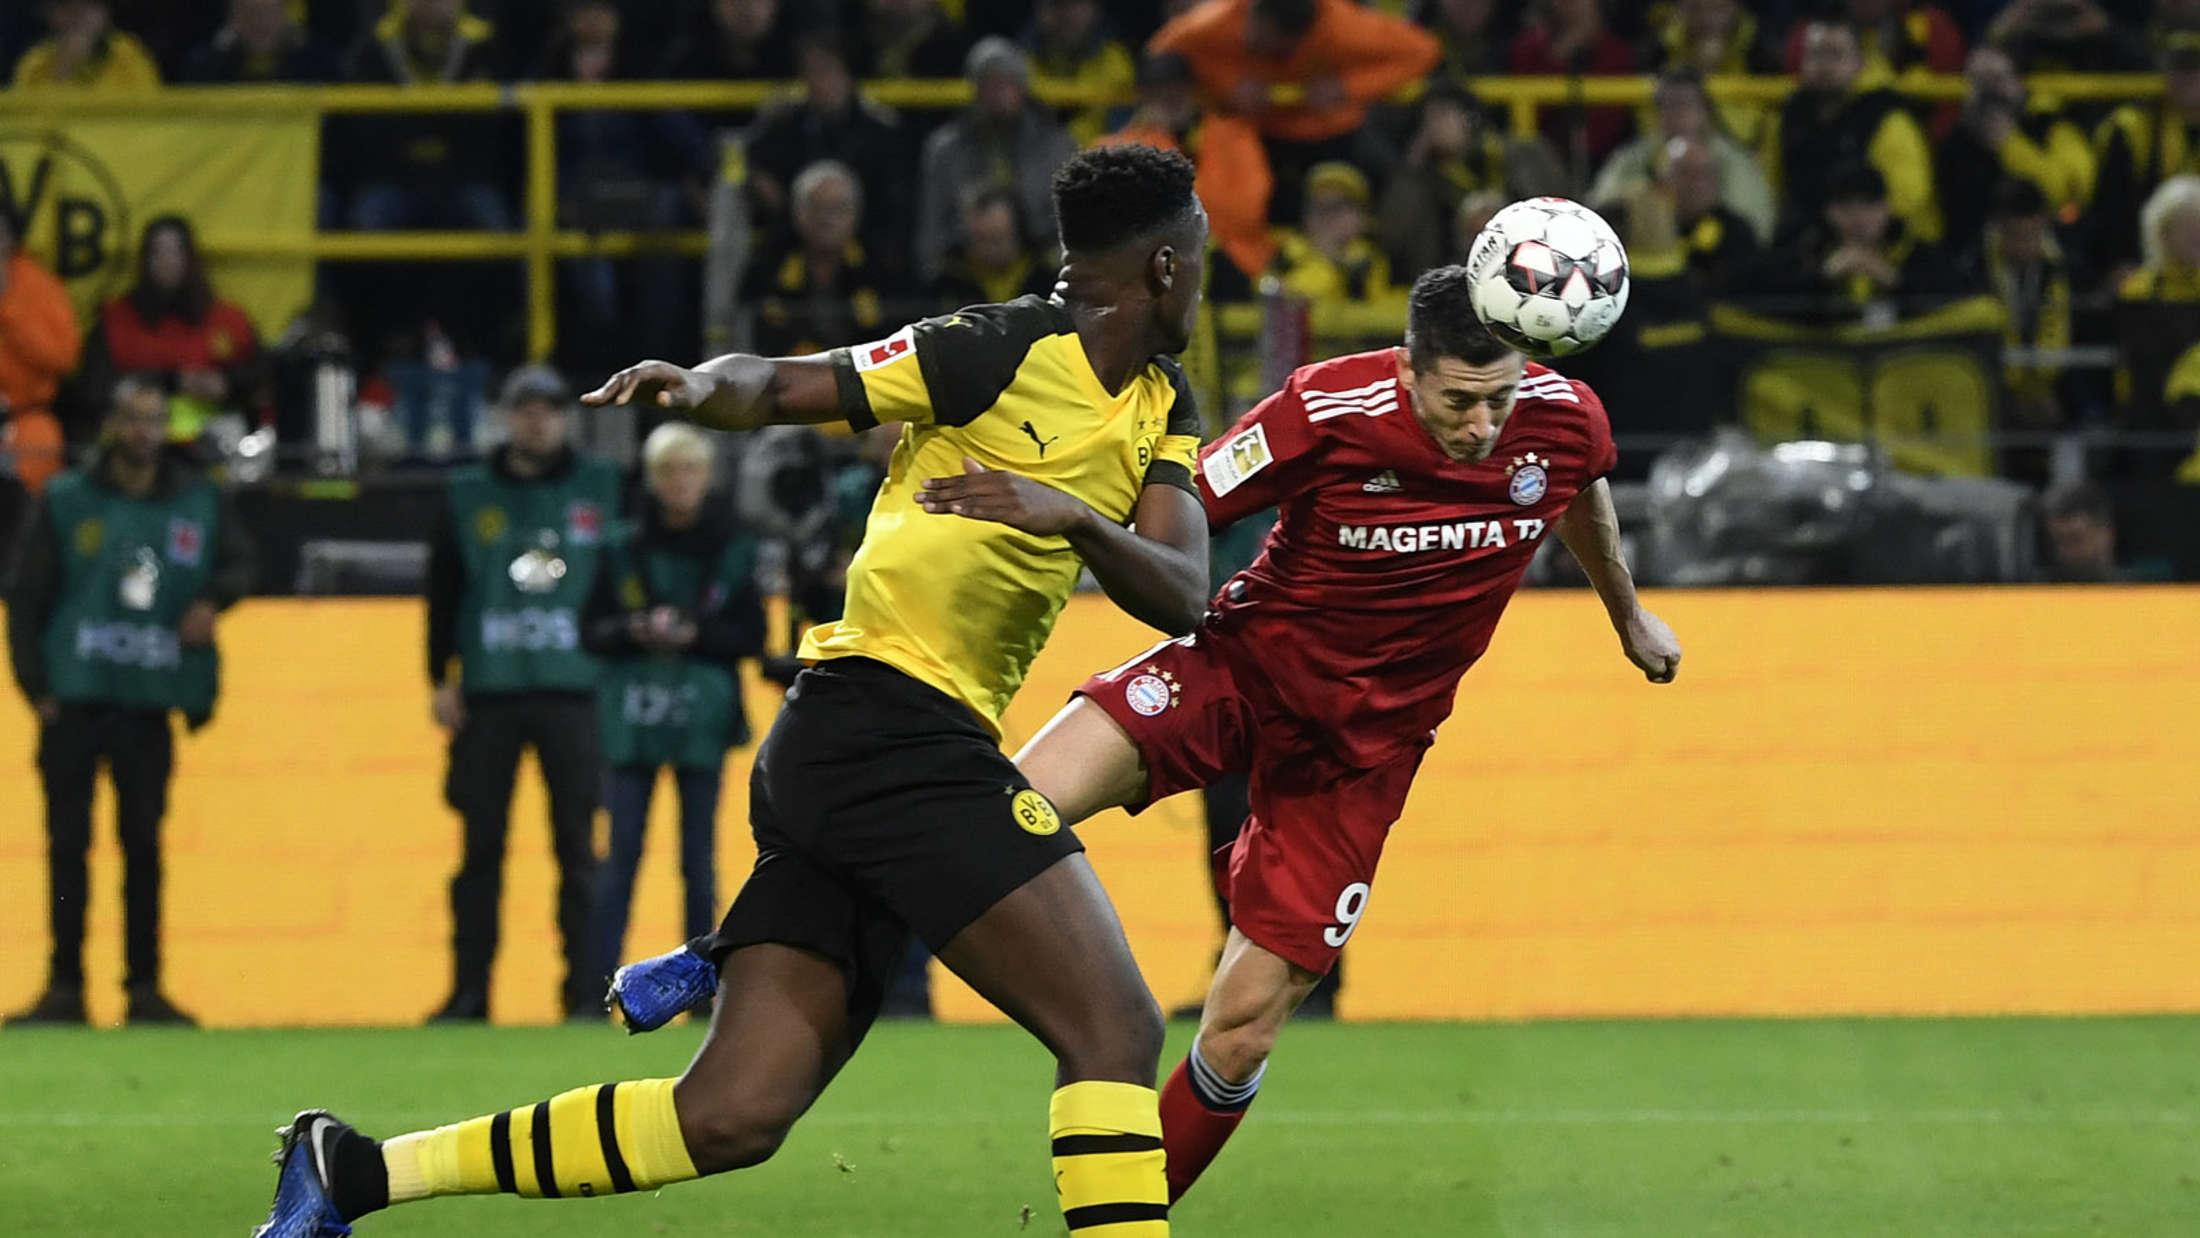 Fussball Dortmund Bayern übertragung